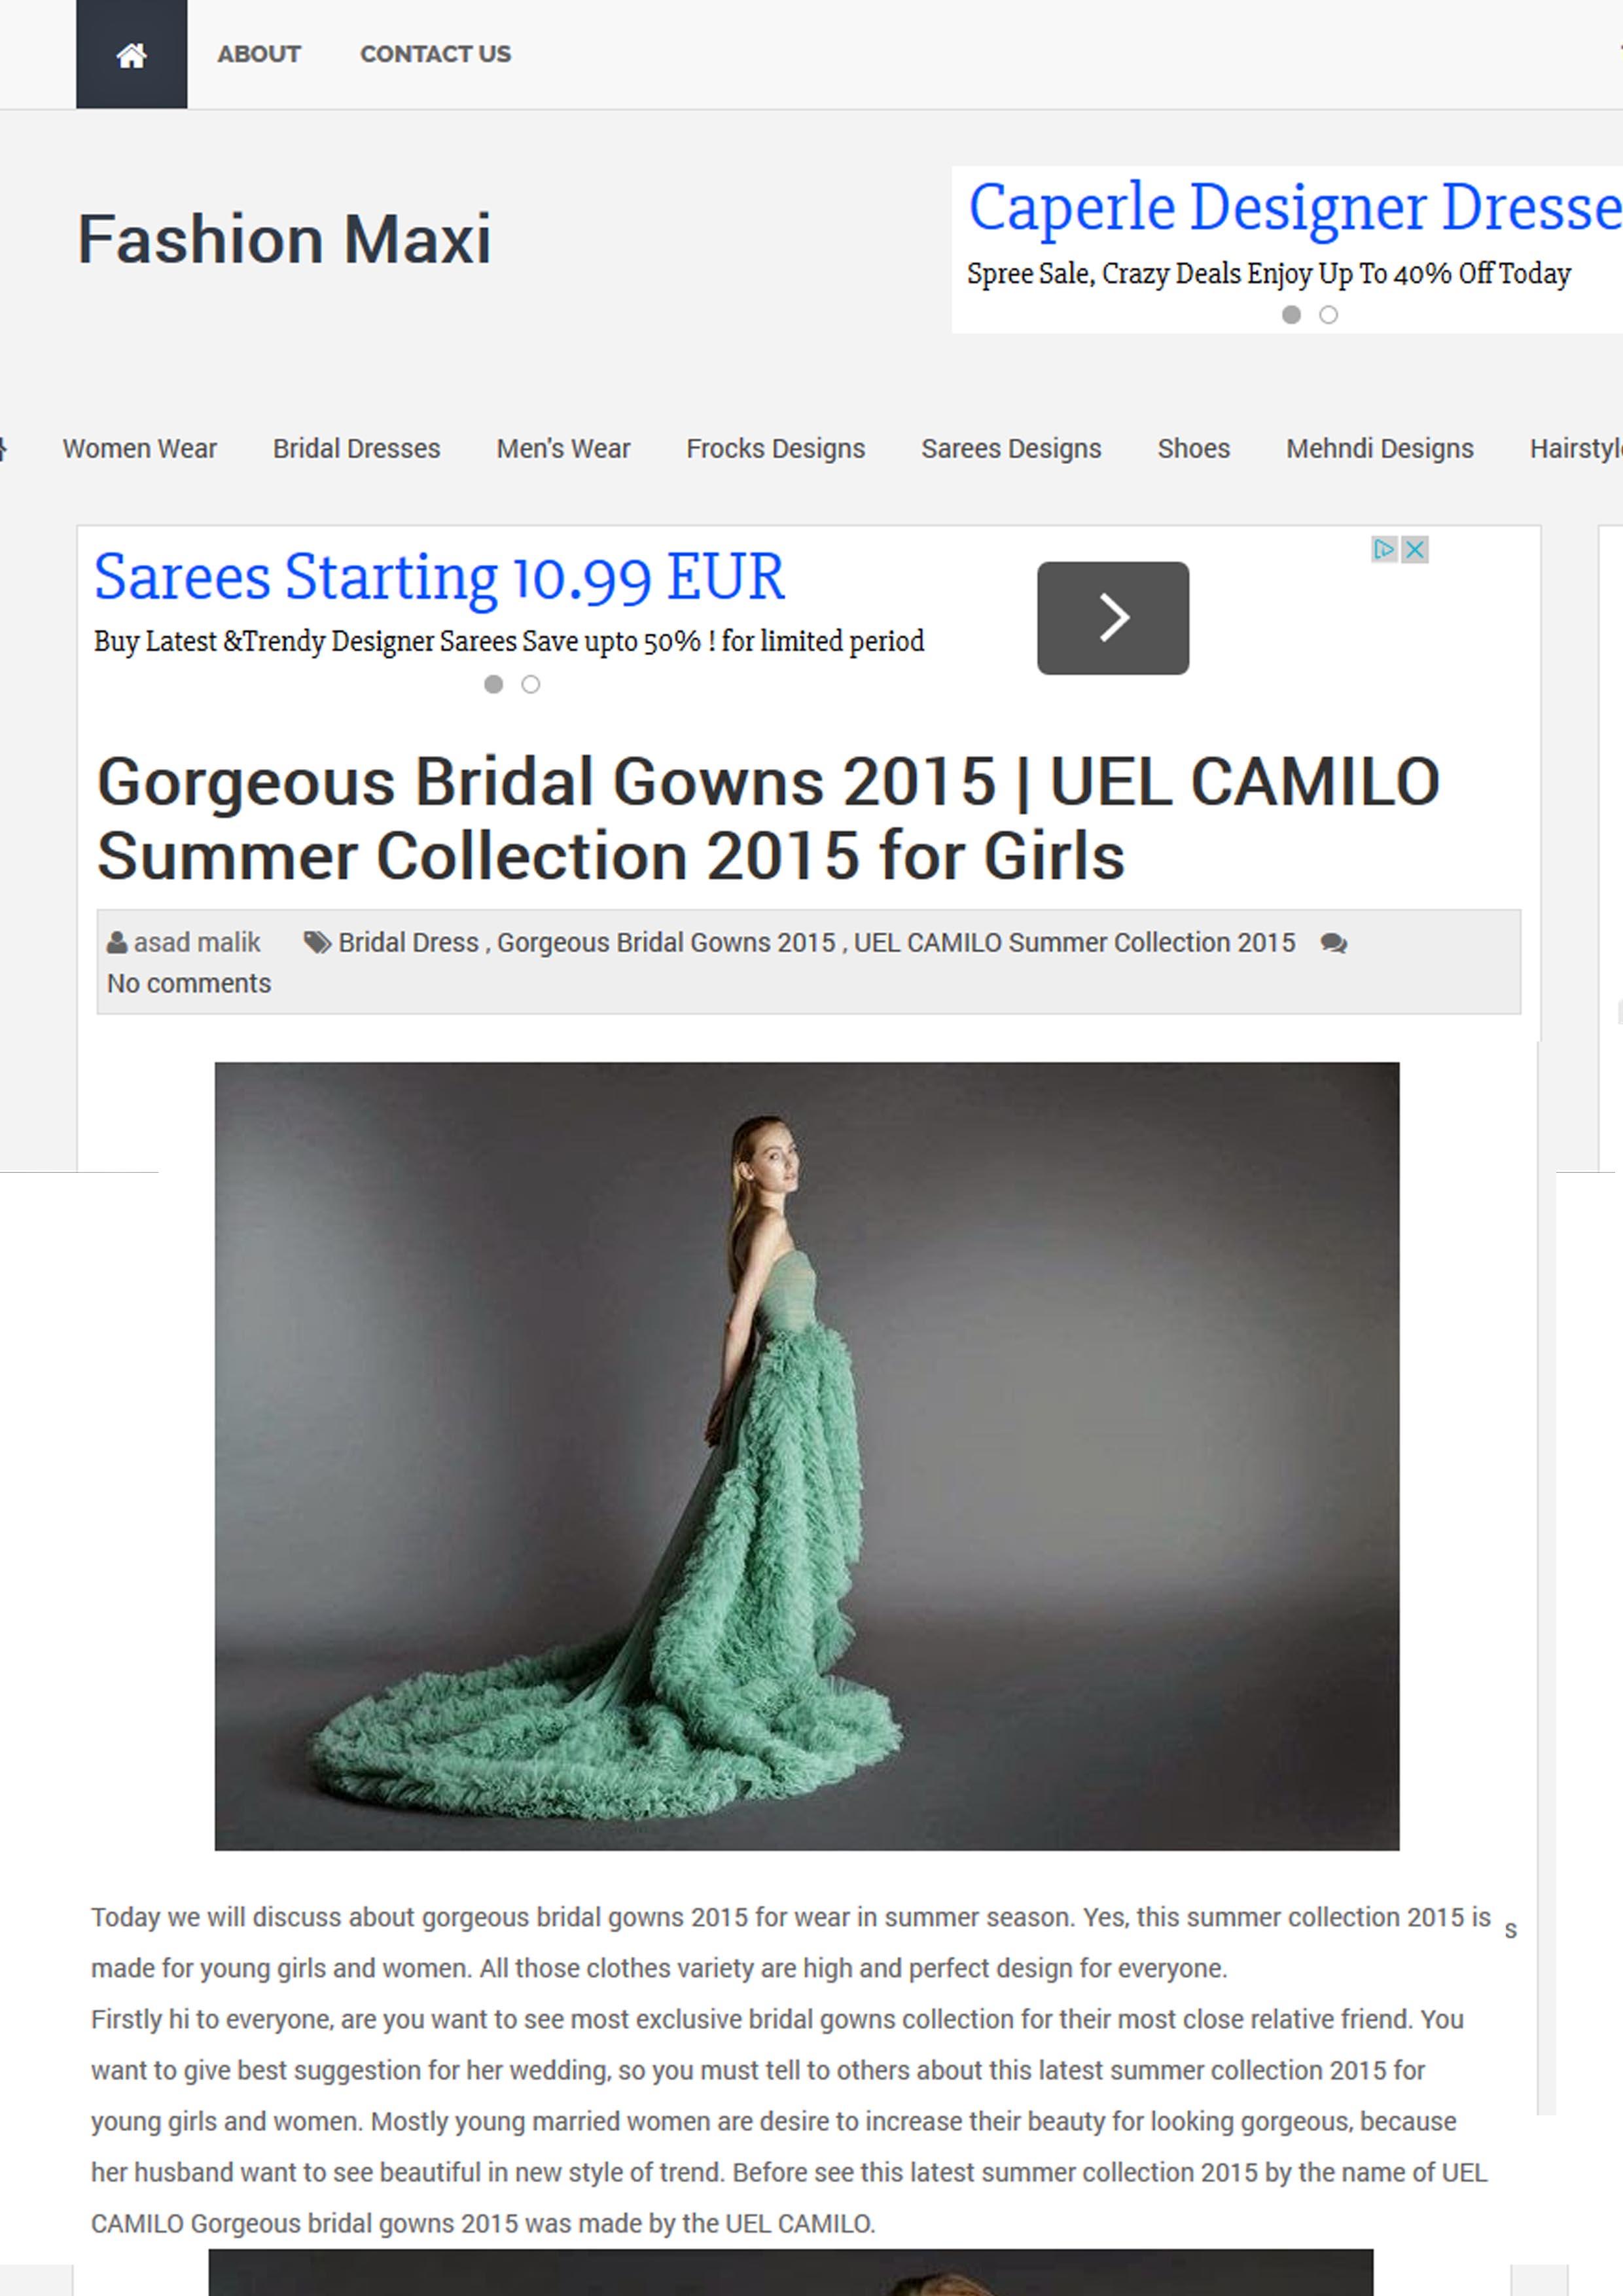 UEL CAMILO @FashionMaxi